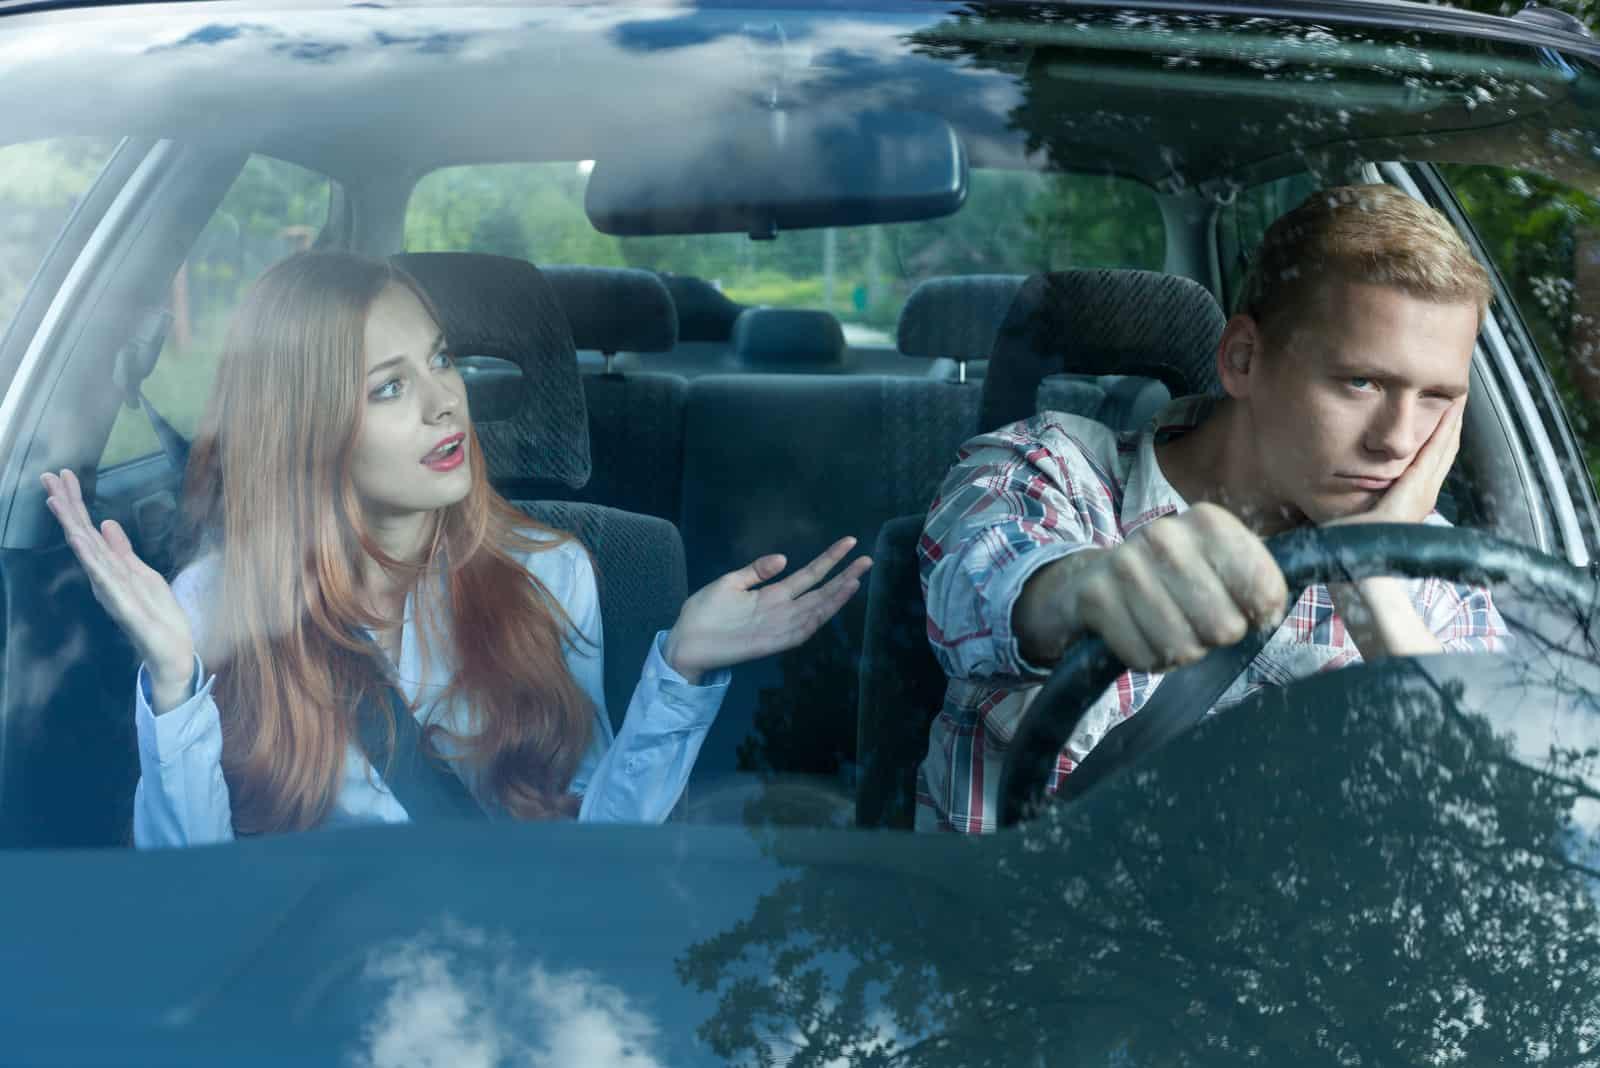 la femme se dispute avec le gars dans la voiture